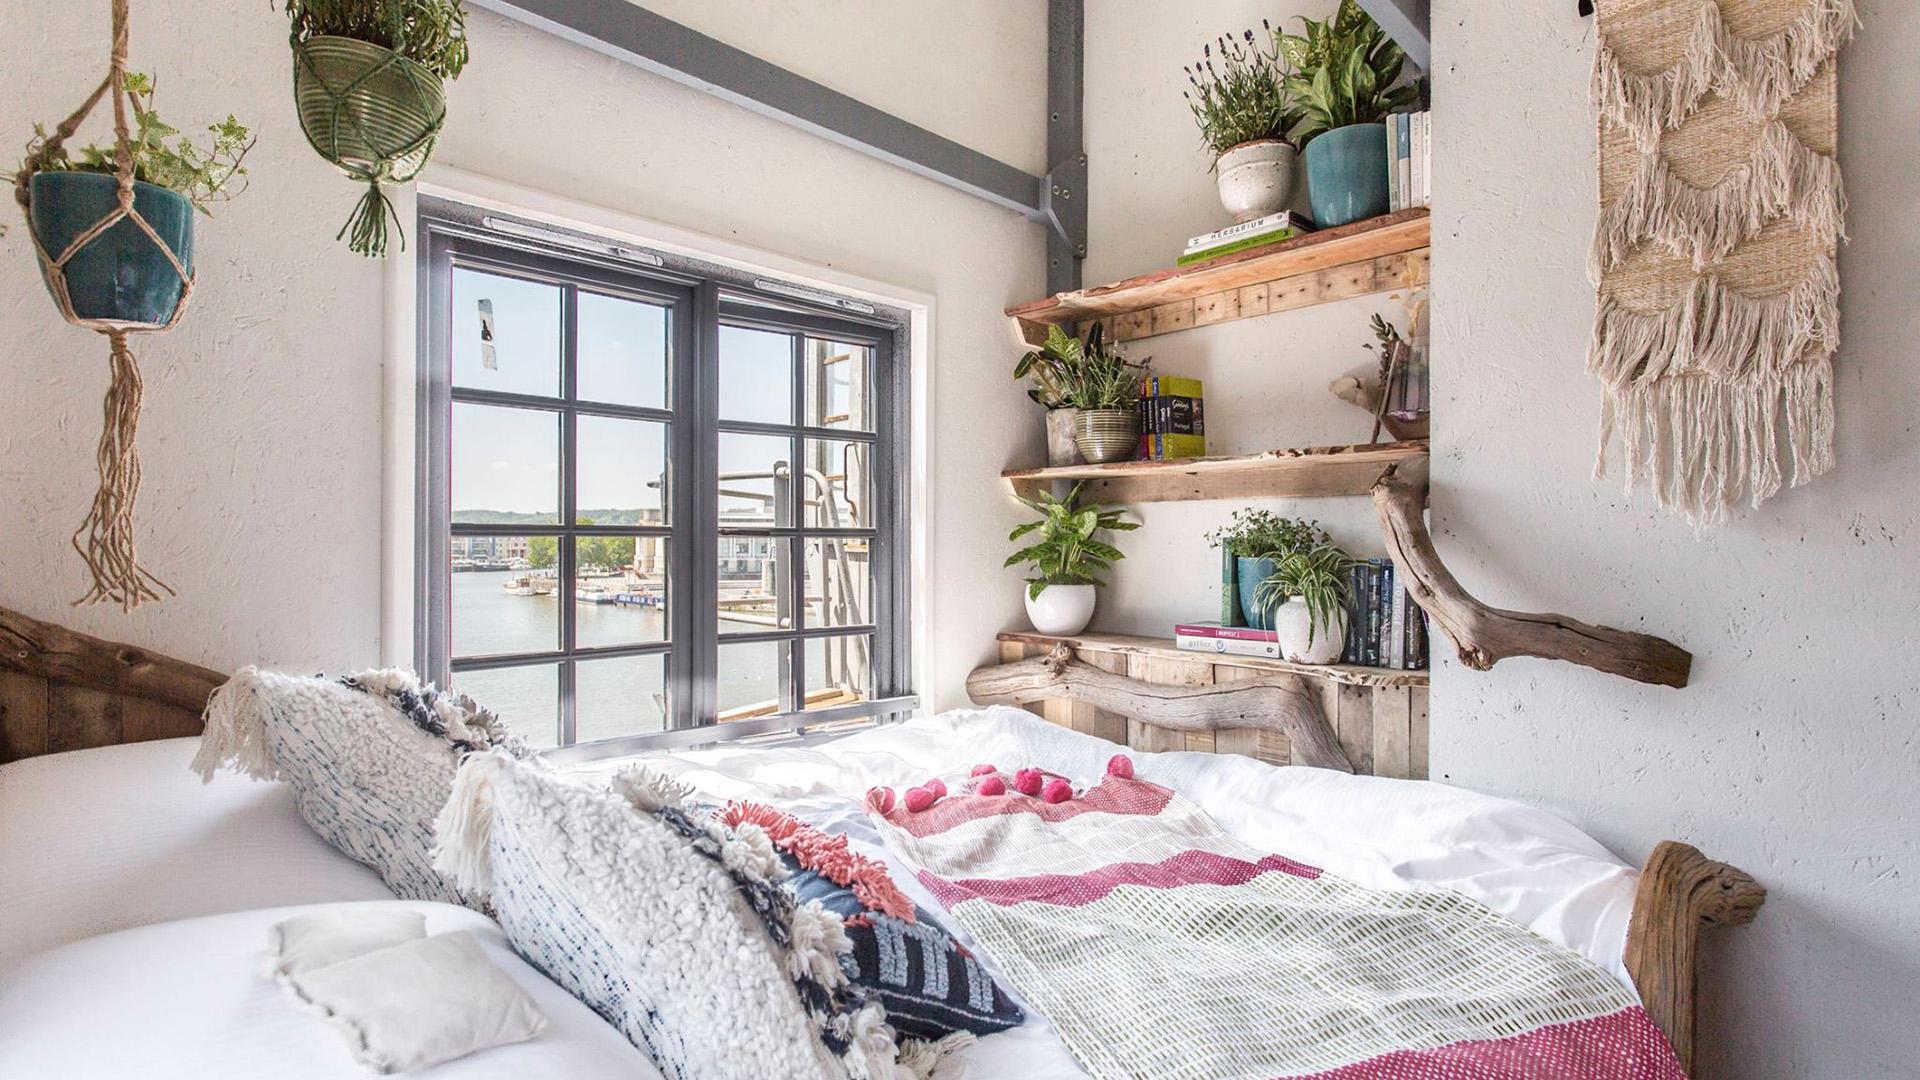 La camera da letto / Crane 29